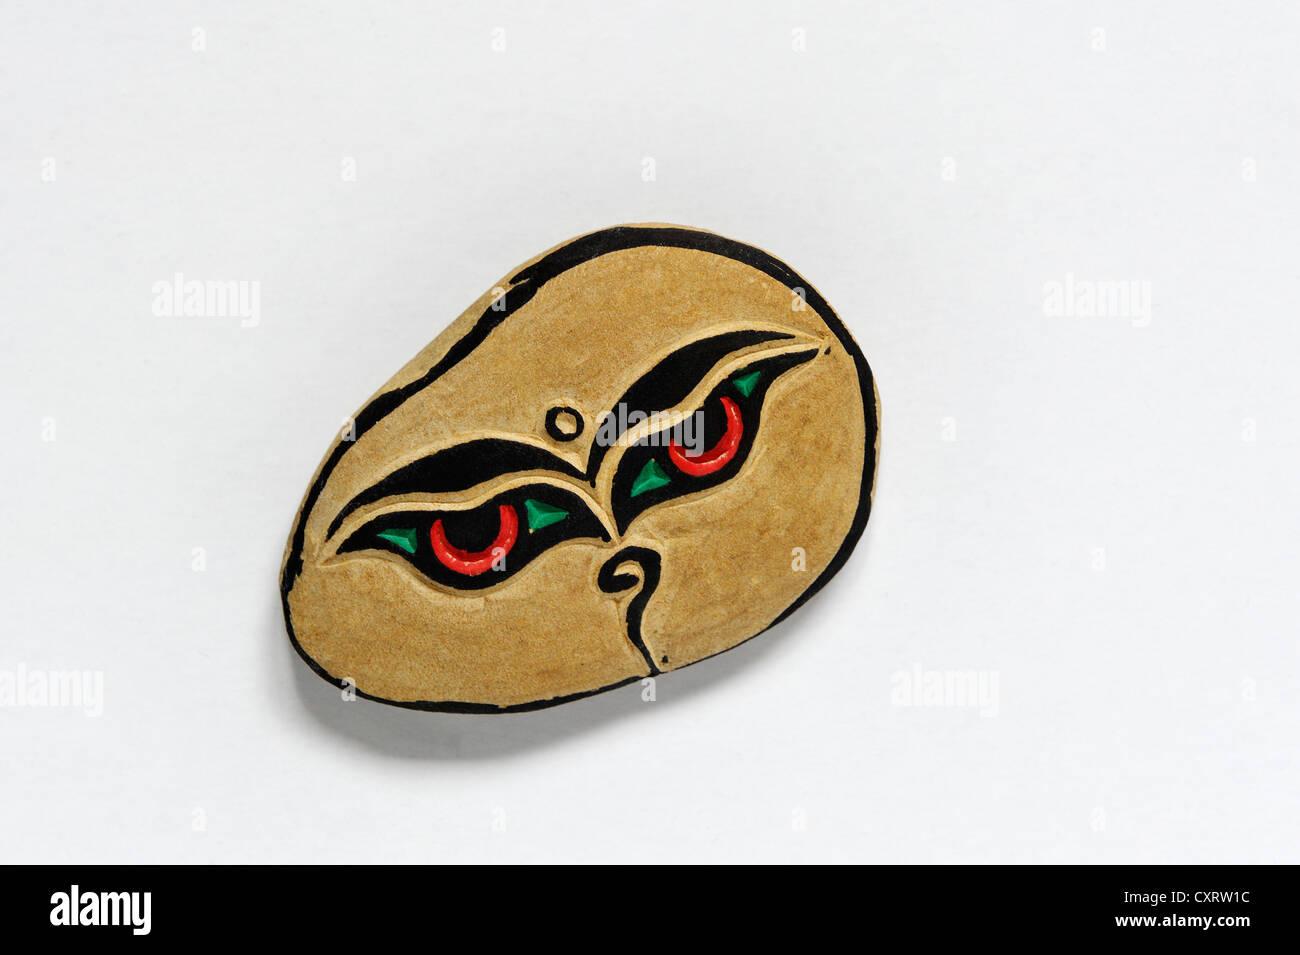 Ma ni rdo il tibetano per mani la pietra, un souvenir dal Tibet Immagini Stock